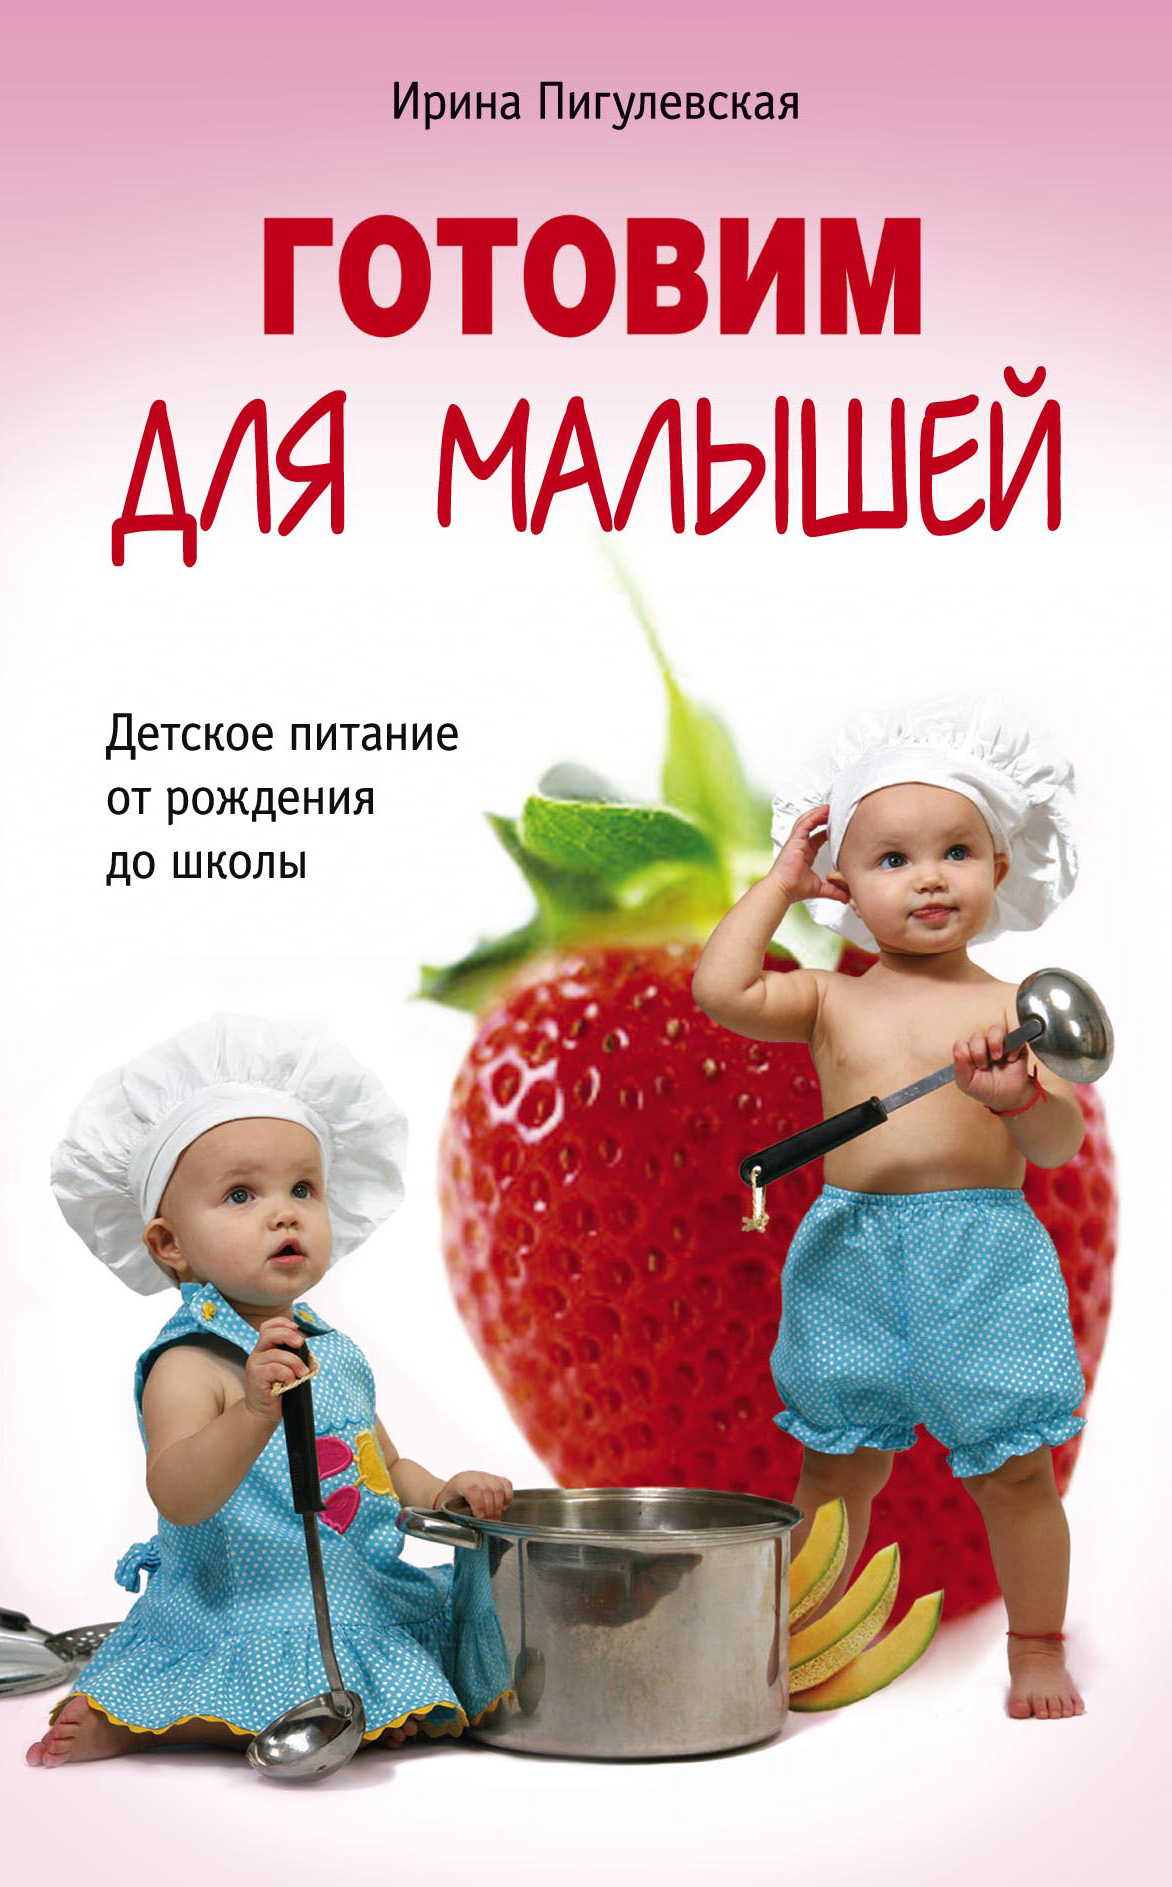 И. С. Пигулевская Готовим для малышей. Детское питание от рождения до школы ирина пигулевская готовим для малышей детское питание от рождения до школы